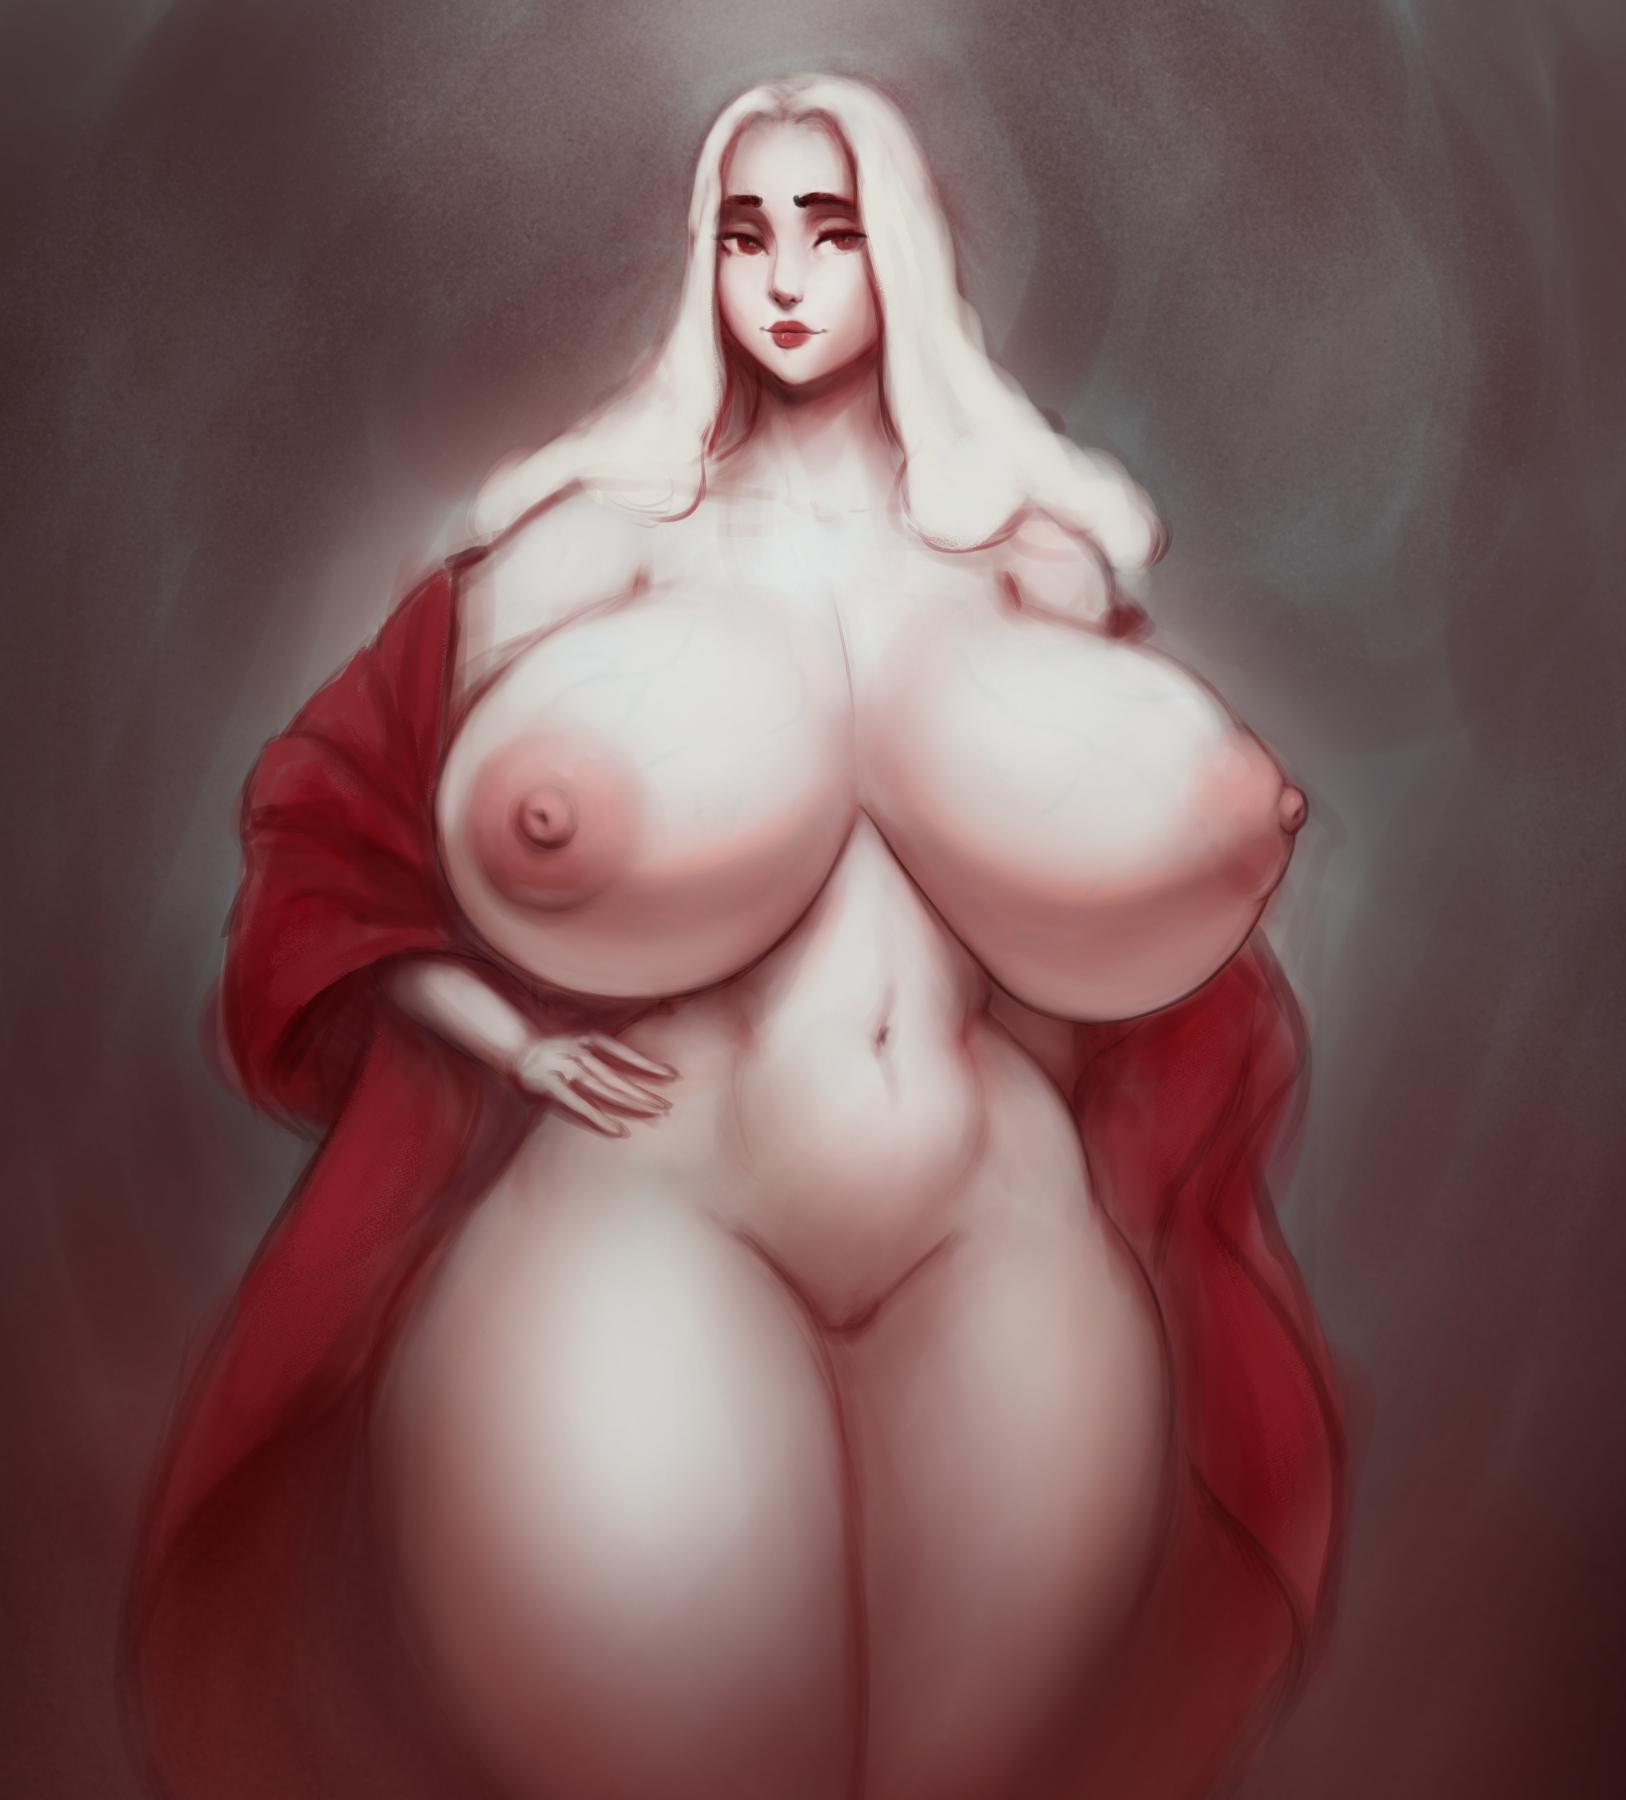 huge pale vampire tits